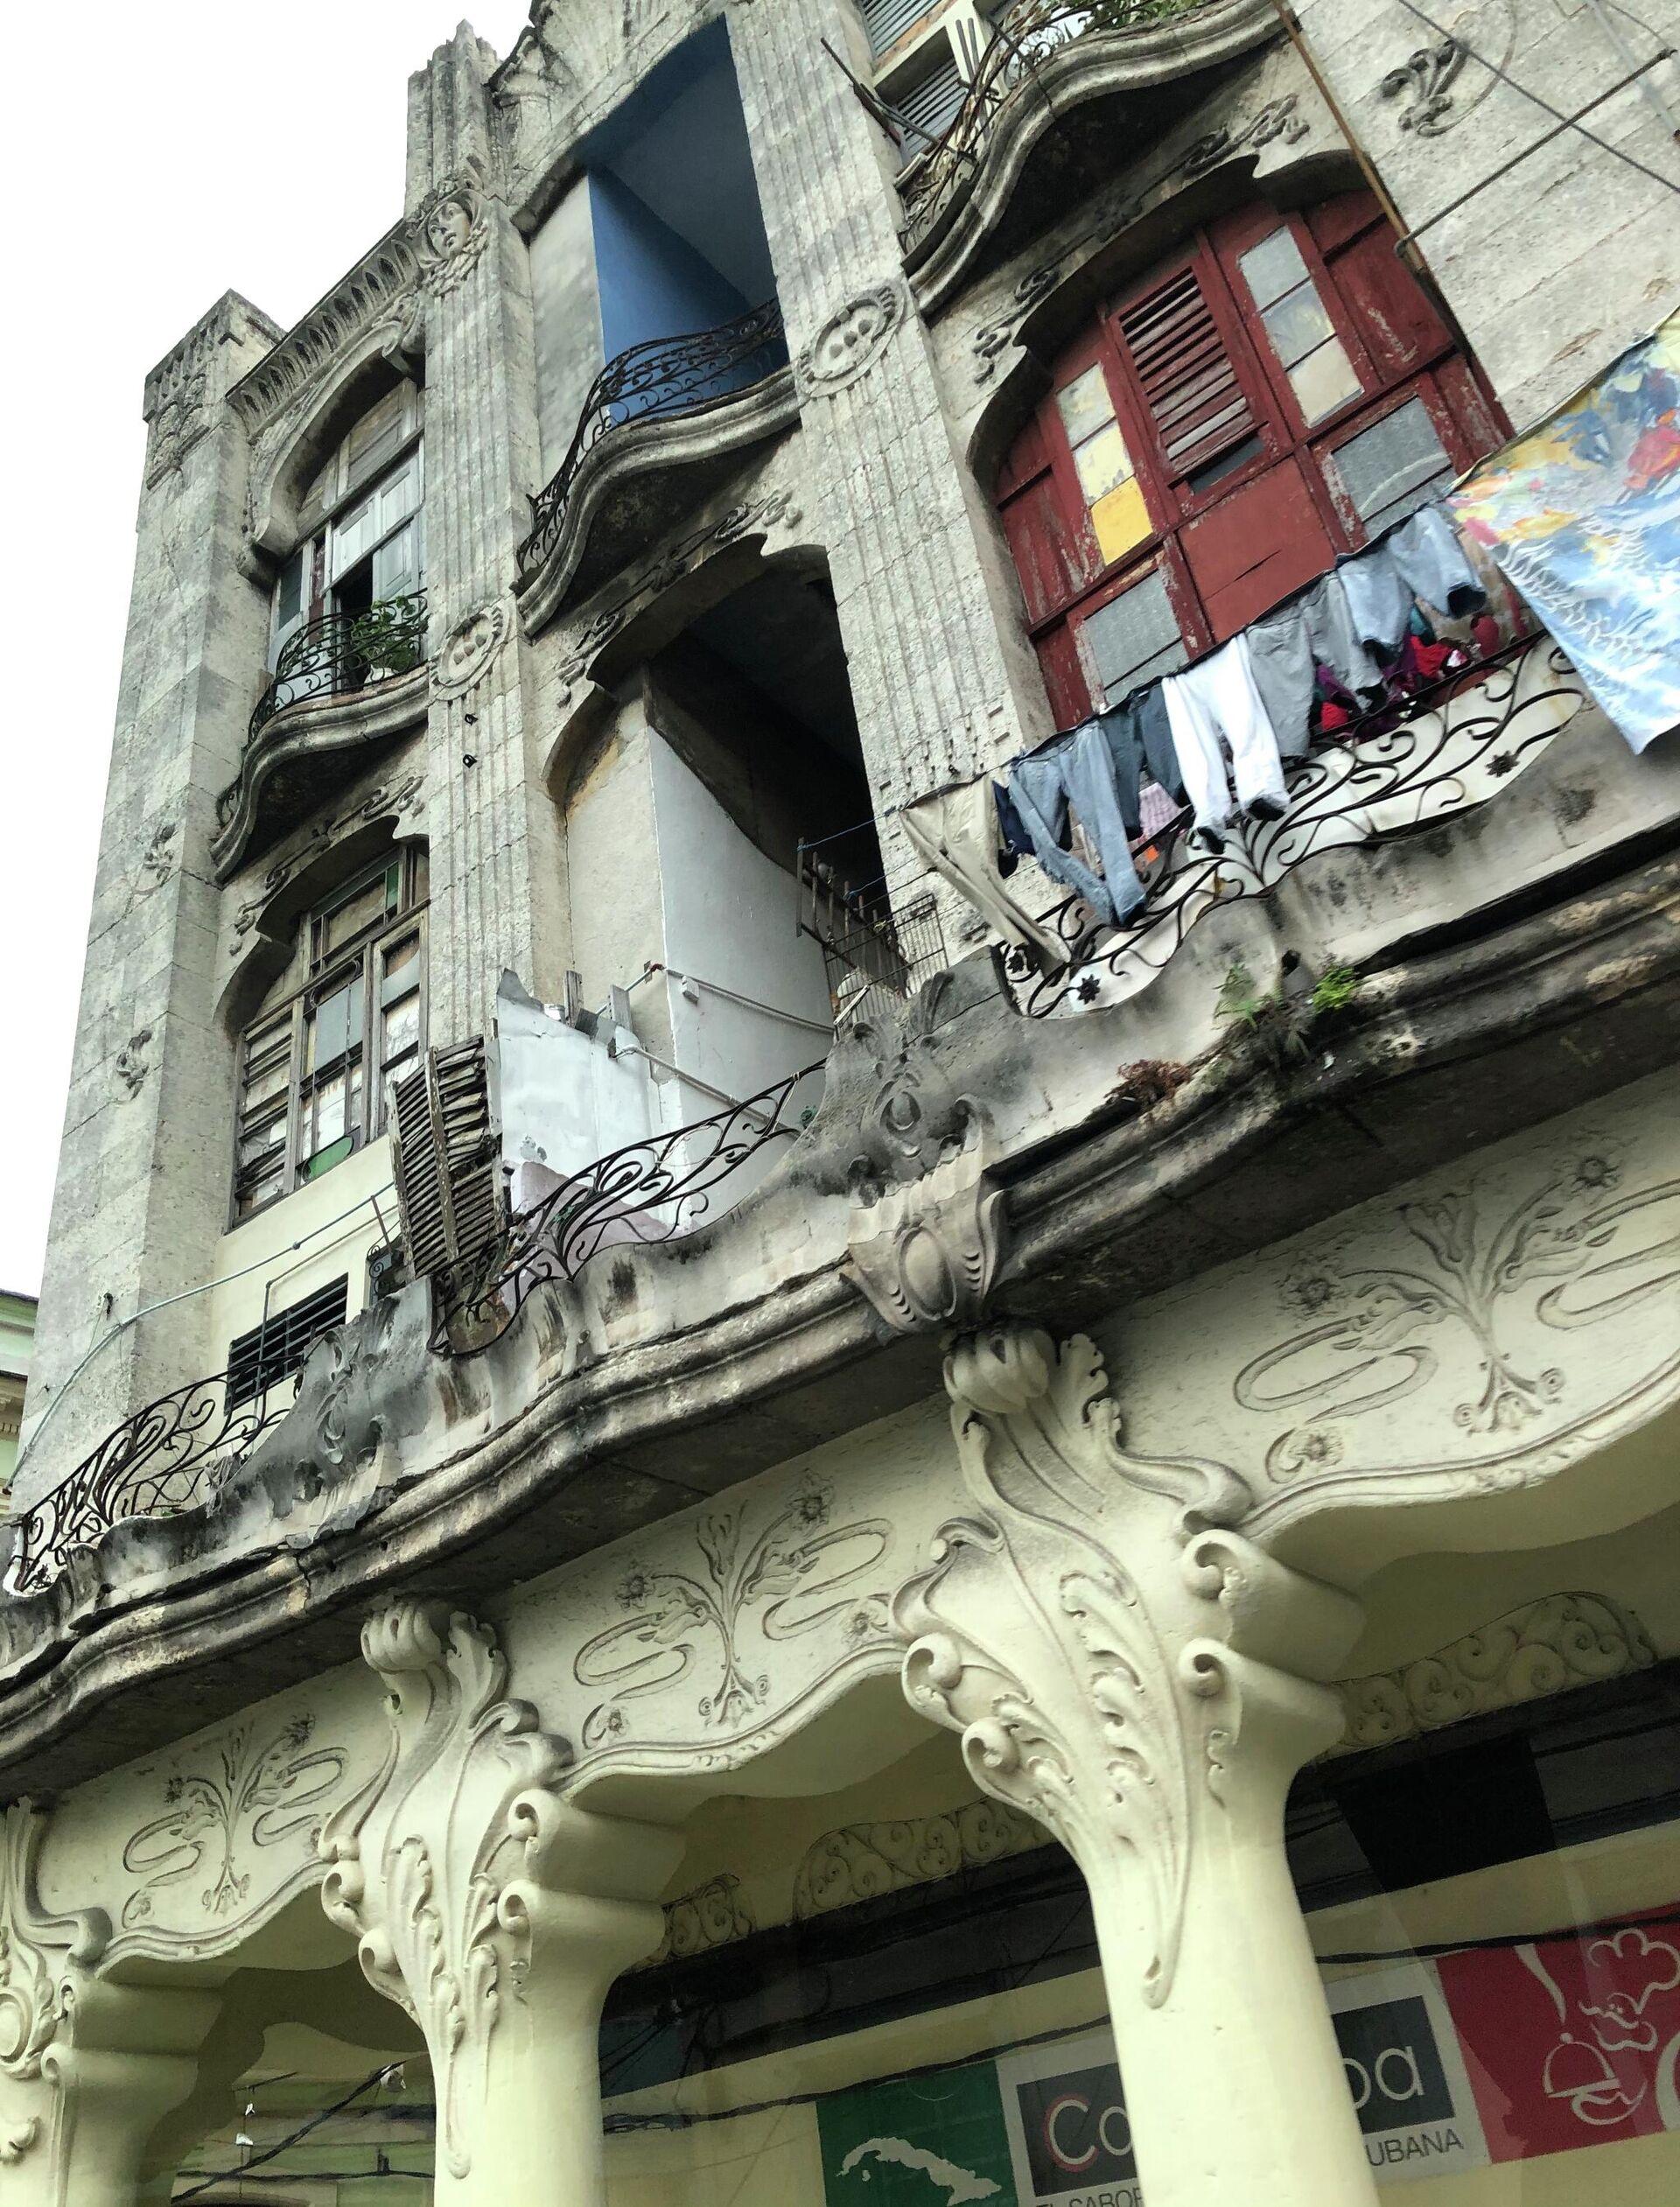 Полуразрушенный жилой дом в одном из столичных районов. Гавана. - РИА Новости, 1920, 18.11.2020